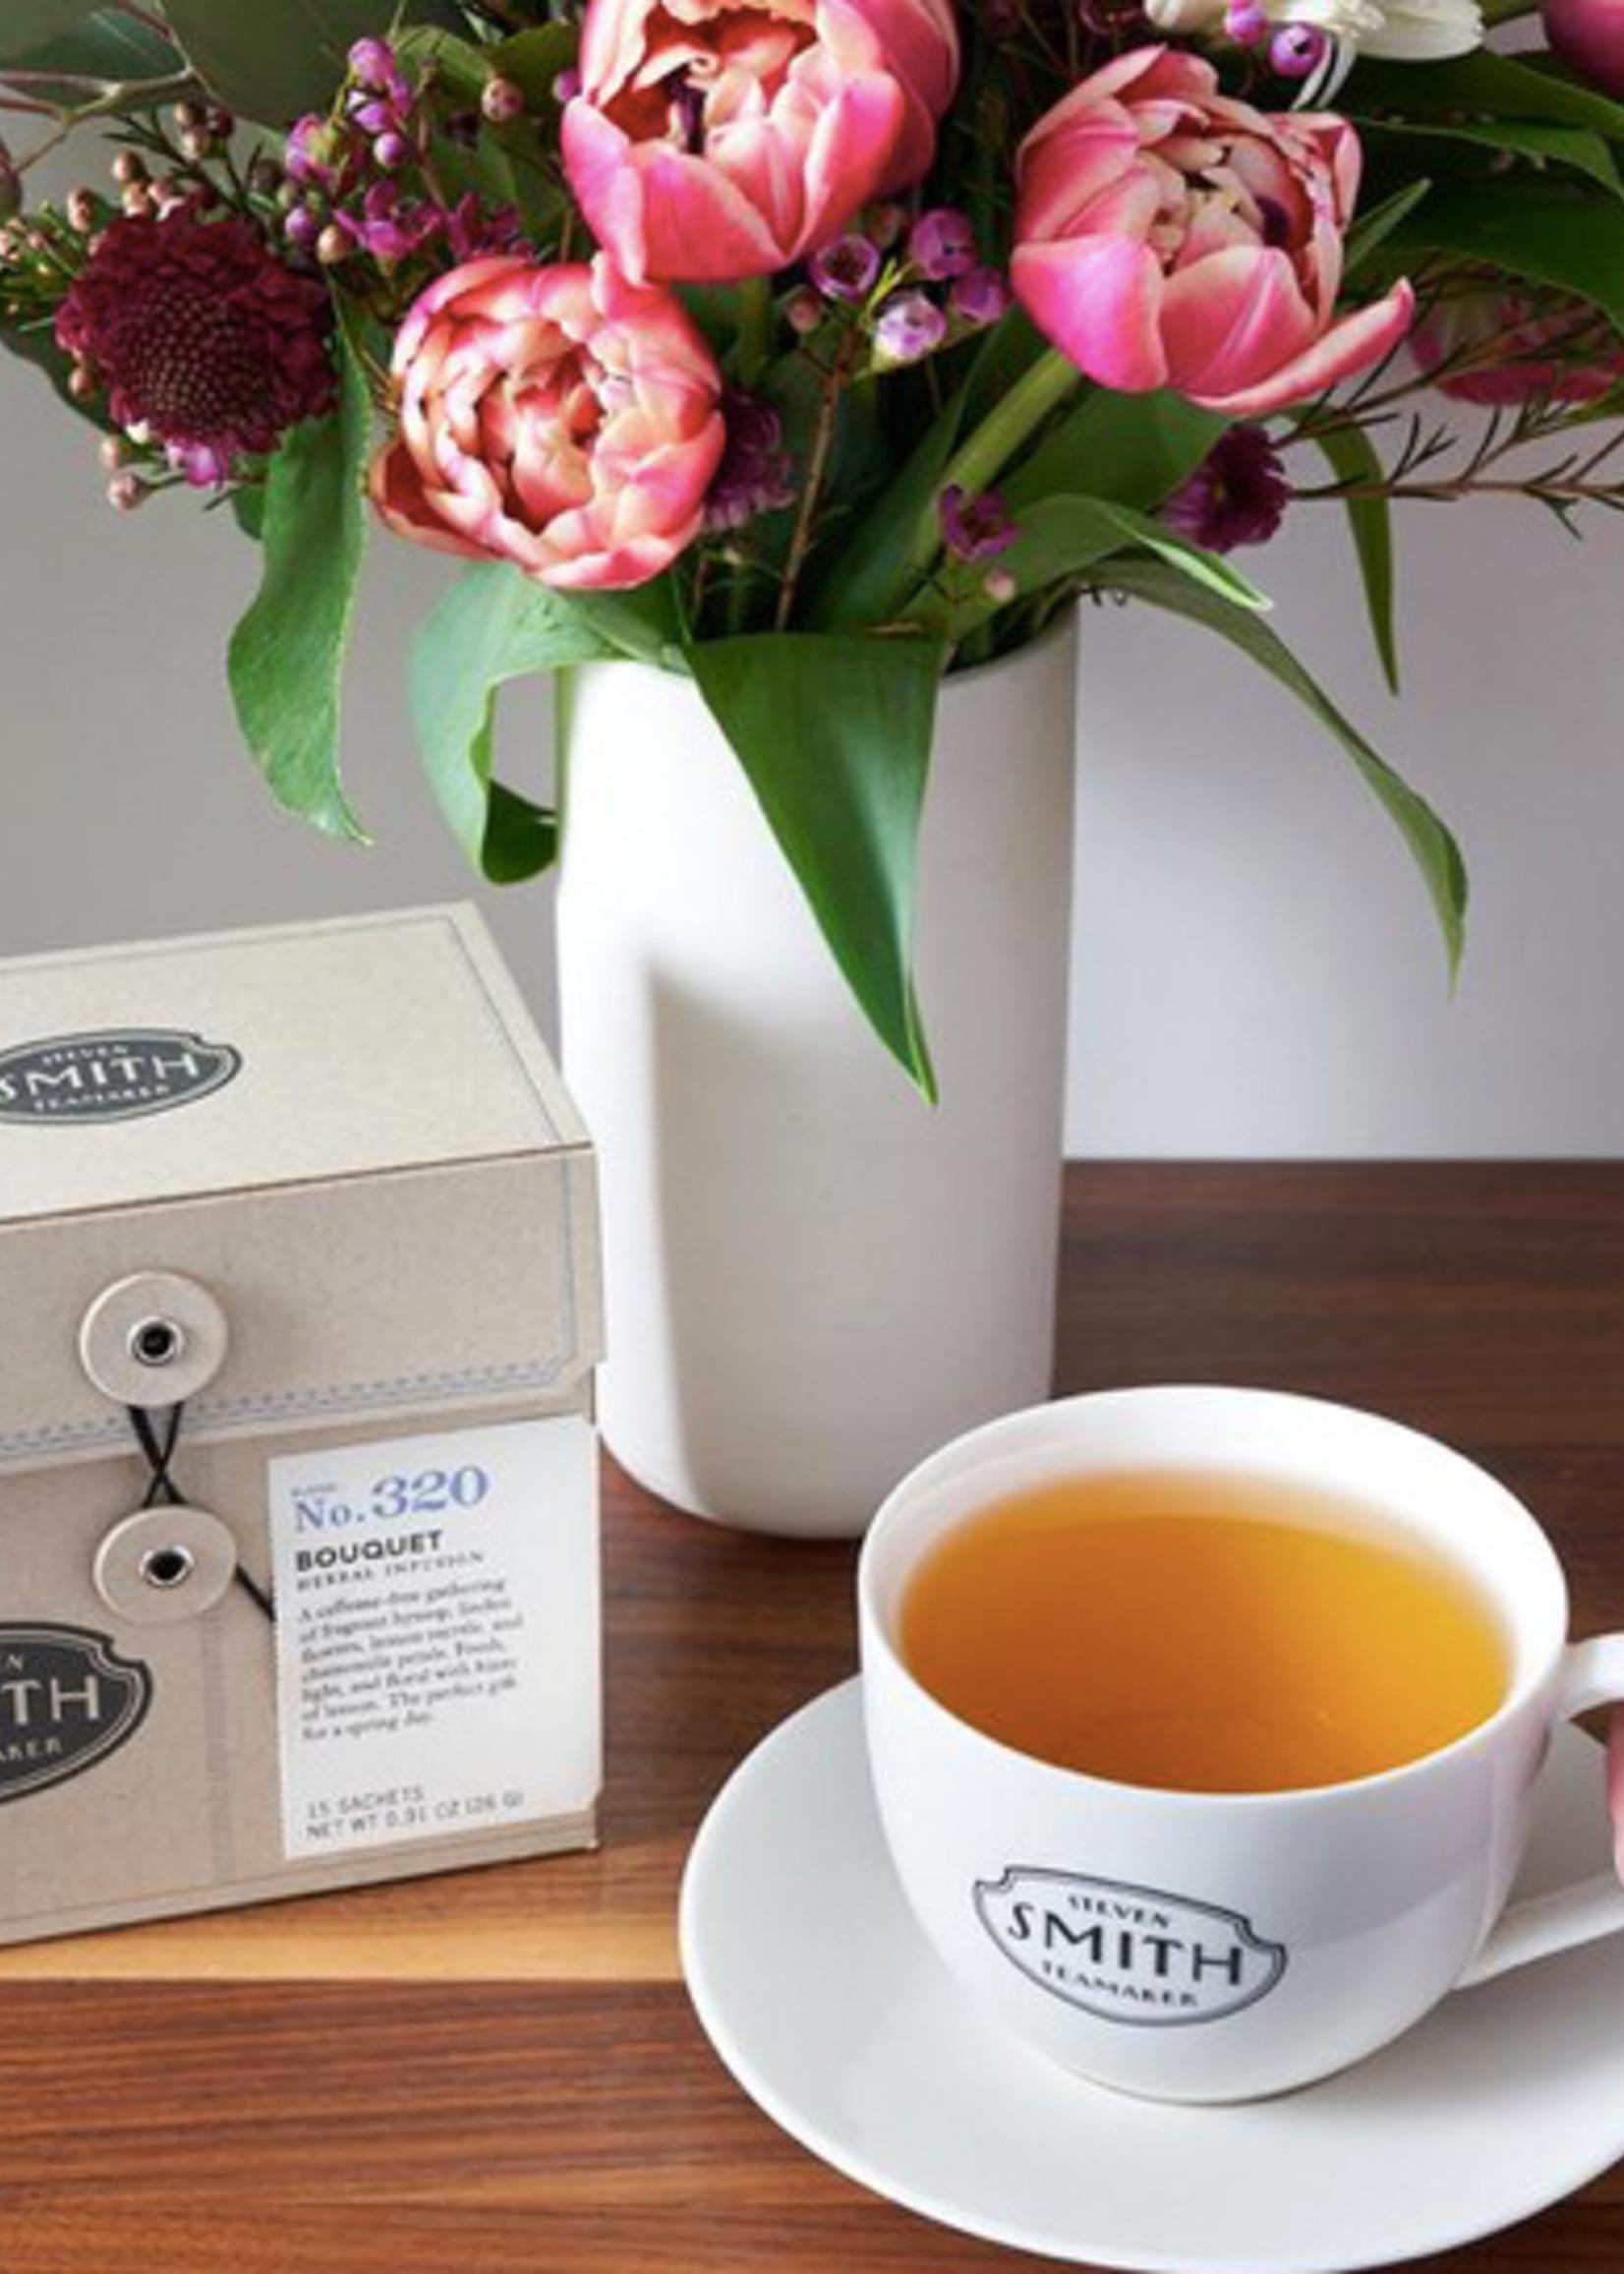 Smith Tea Smith Tea Bouquet